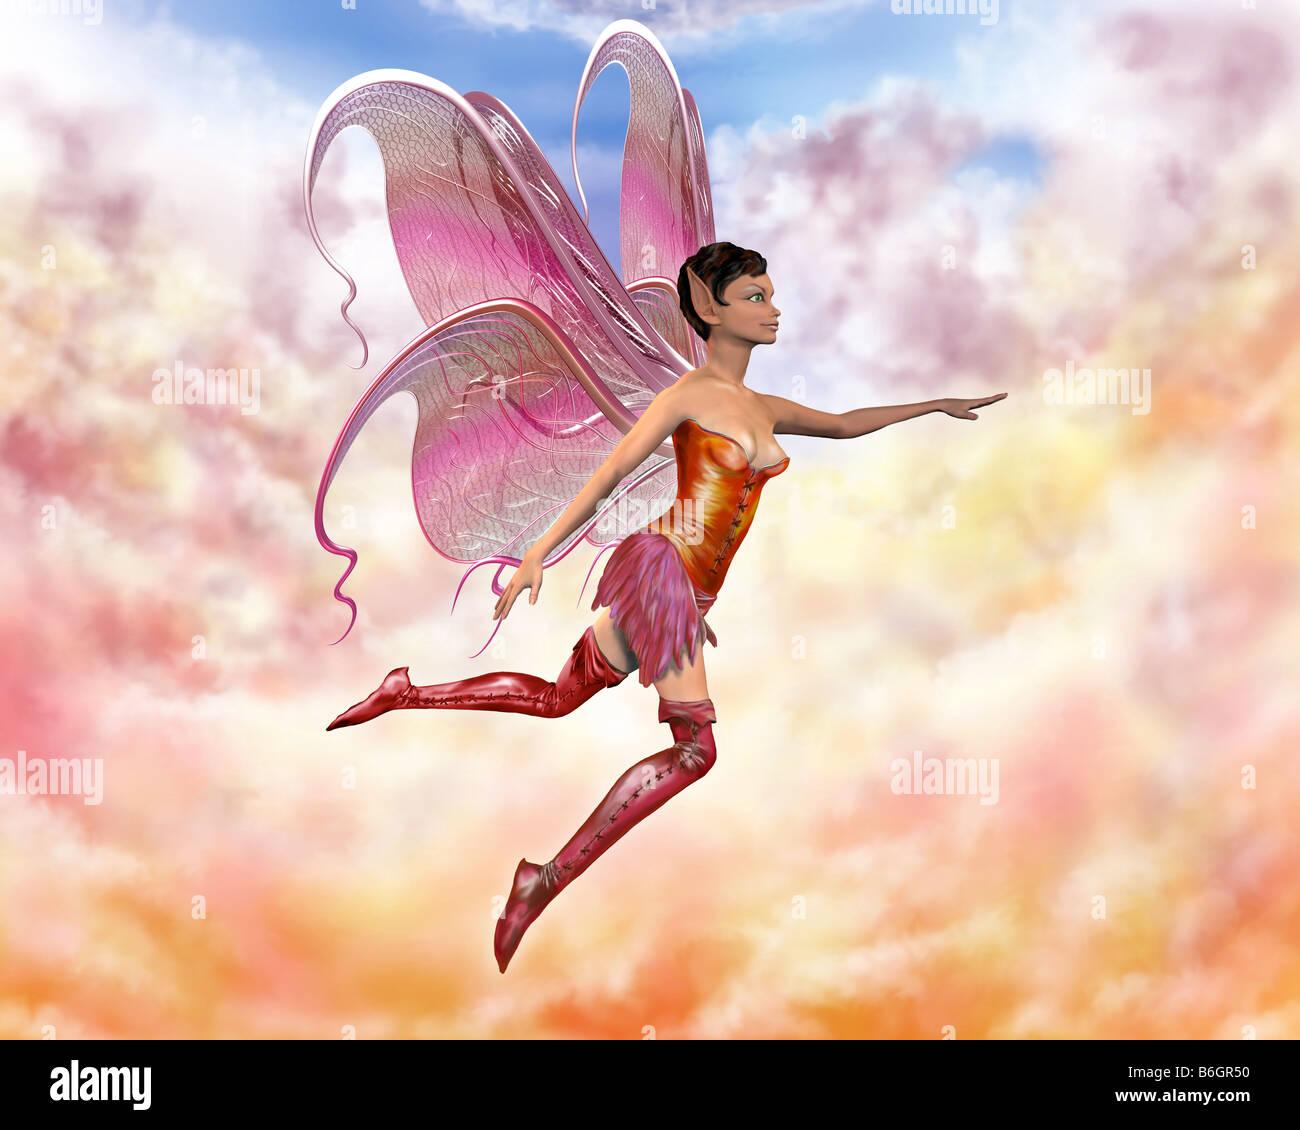 Illustration d'un conte de voler dans les nuages pastel Photo Stock